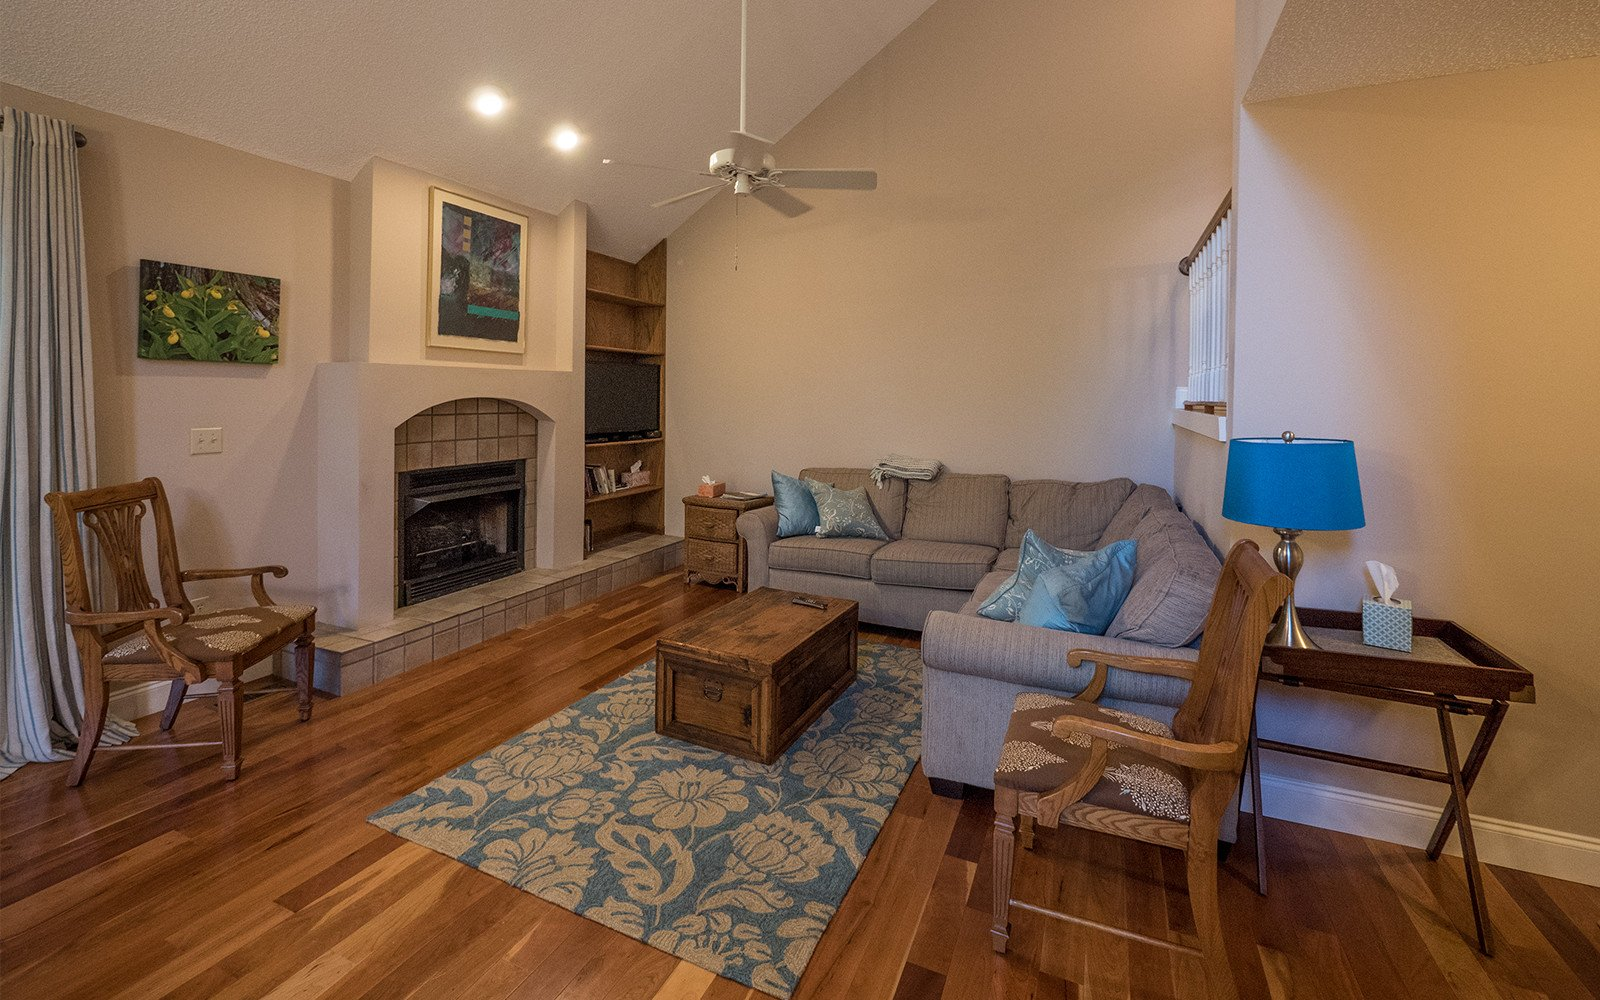 Hilt Street house living room